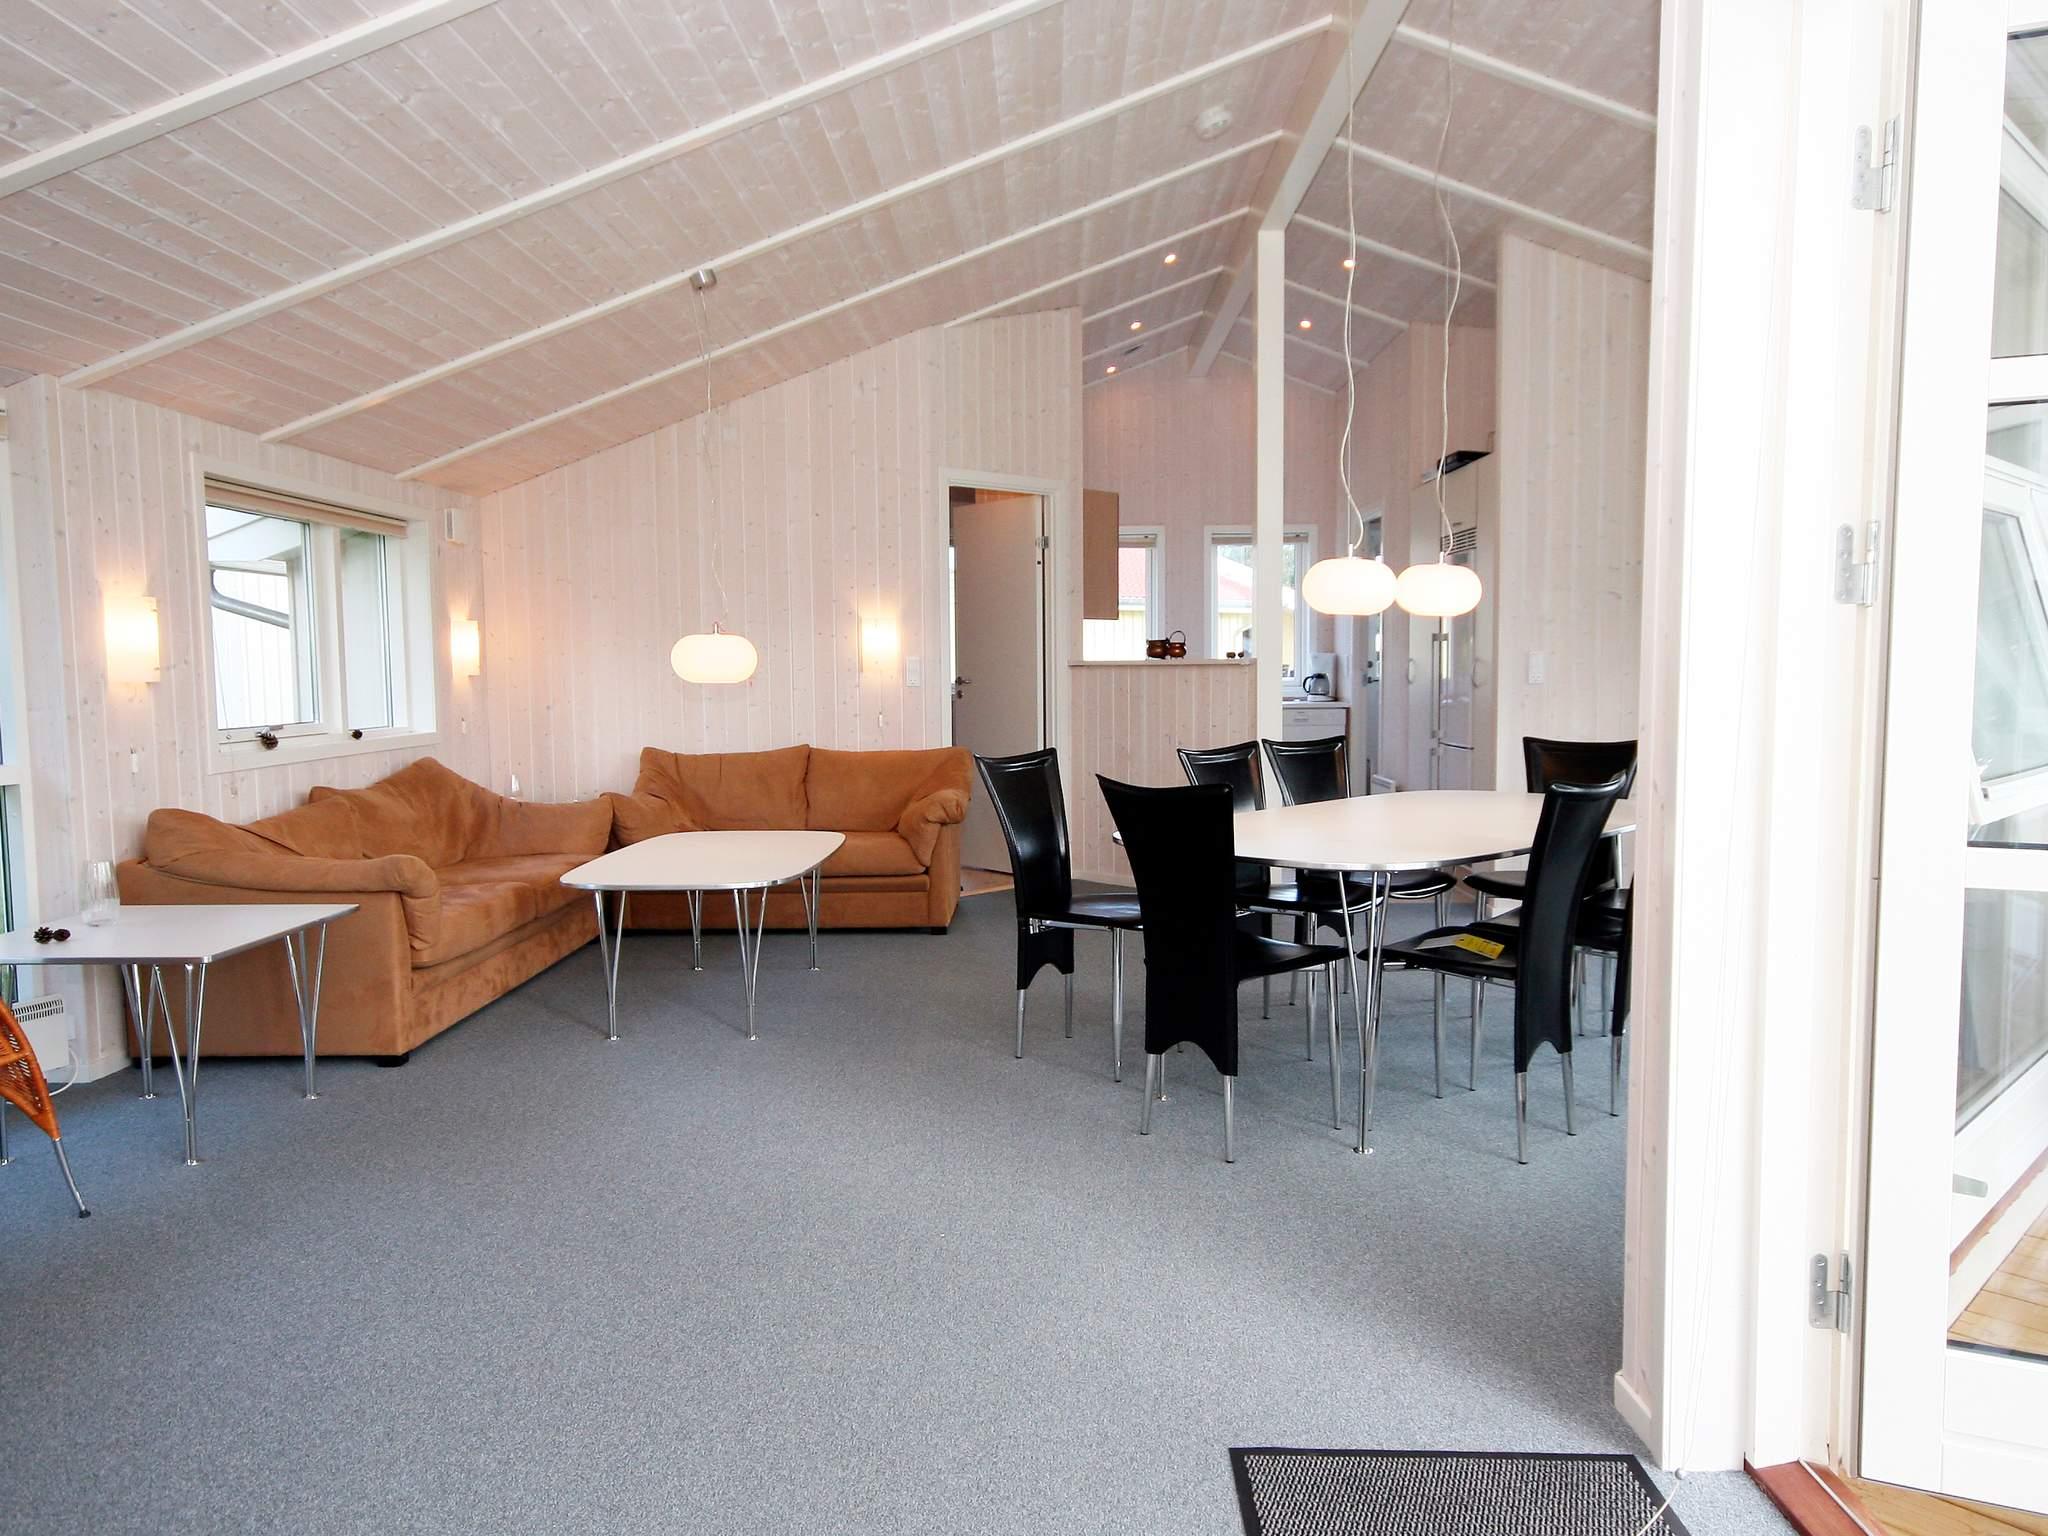 Ferienhaus Udsholt Strand (135446), Gilleleje, , Nordseeland, Dänemark, Bild 8